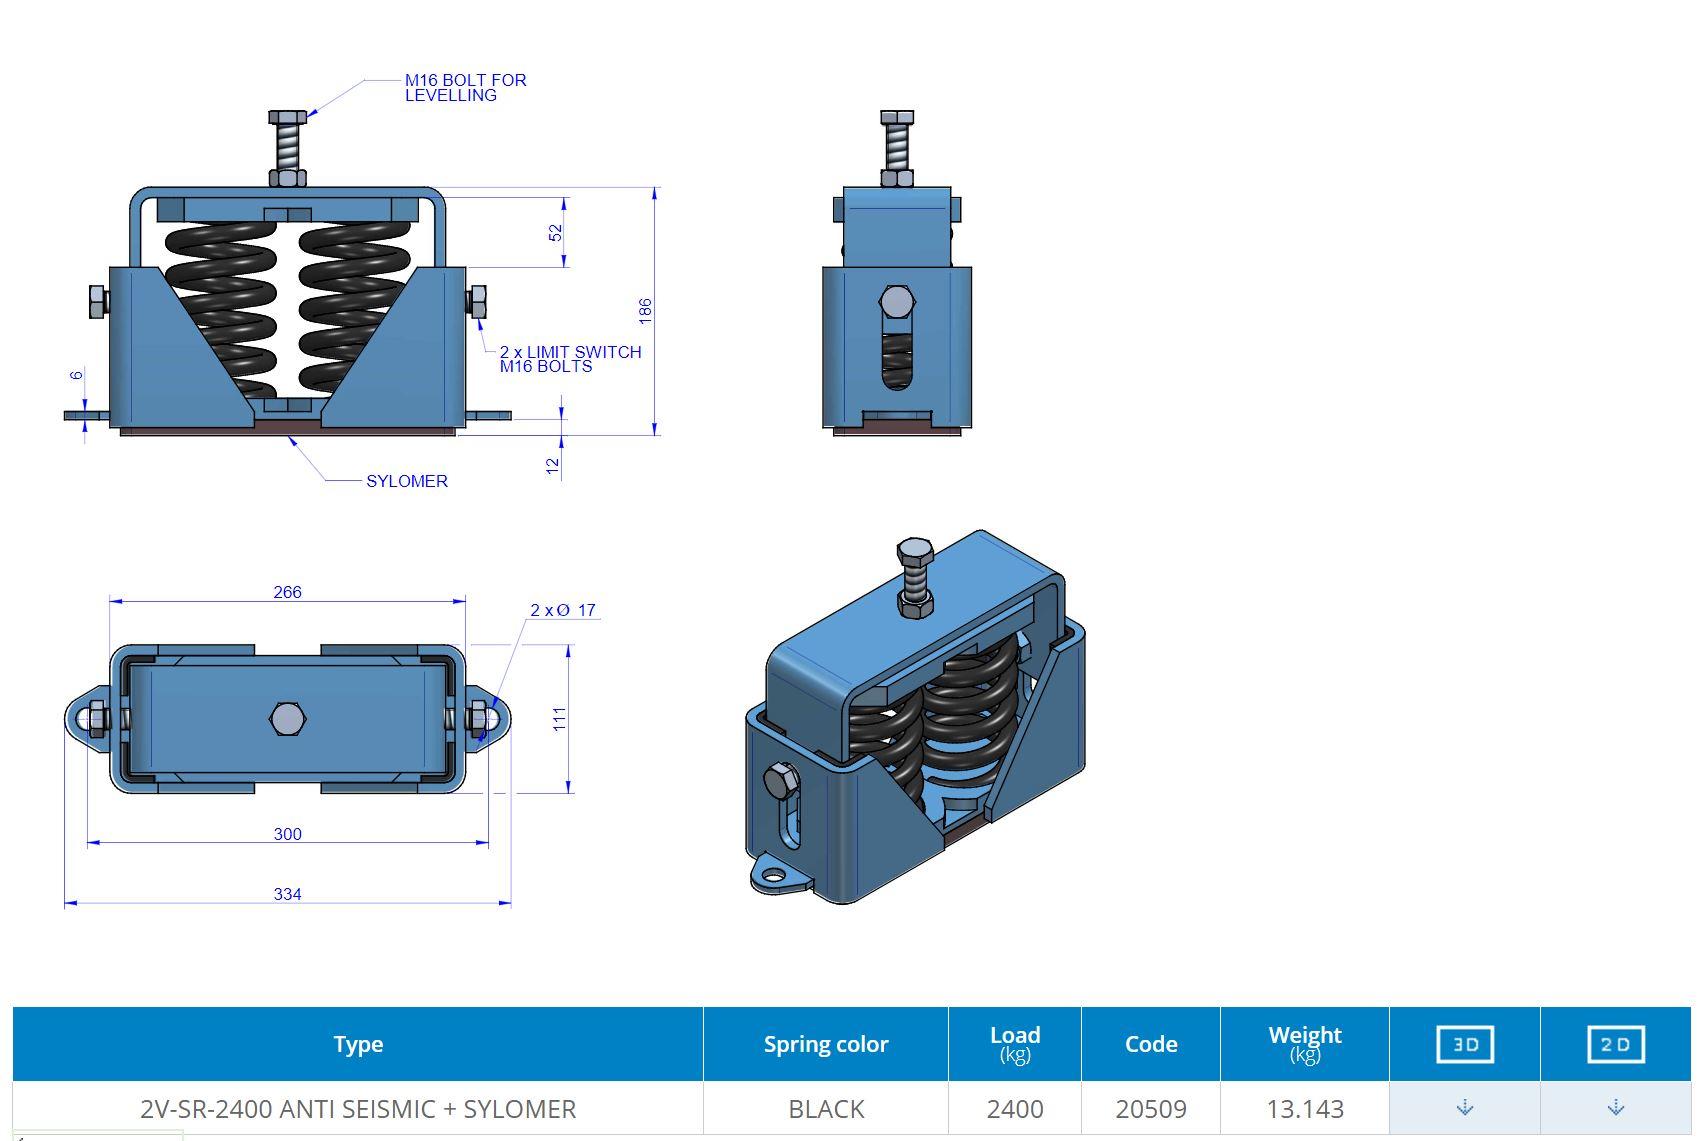 2V-SR-2400 ANTI SEISMIC + SYLOMER